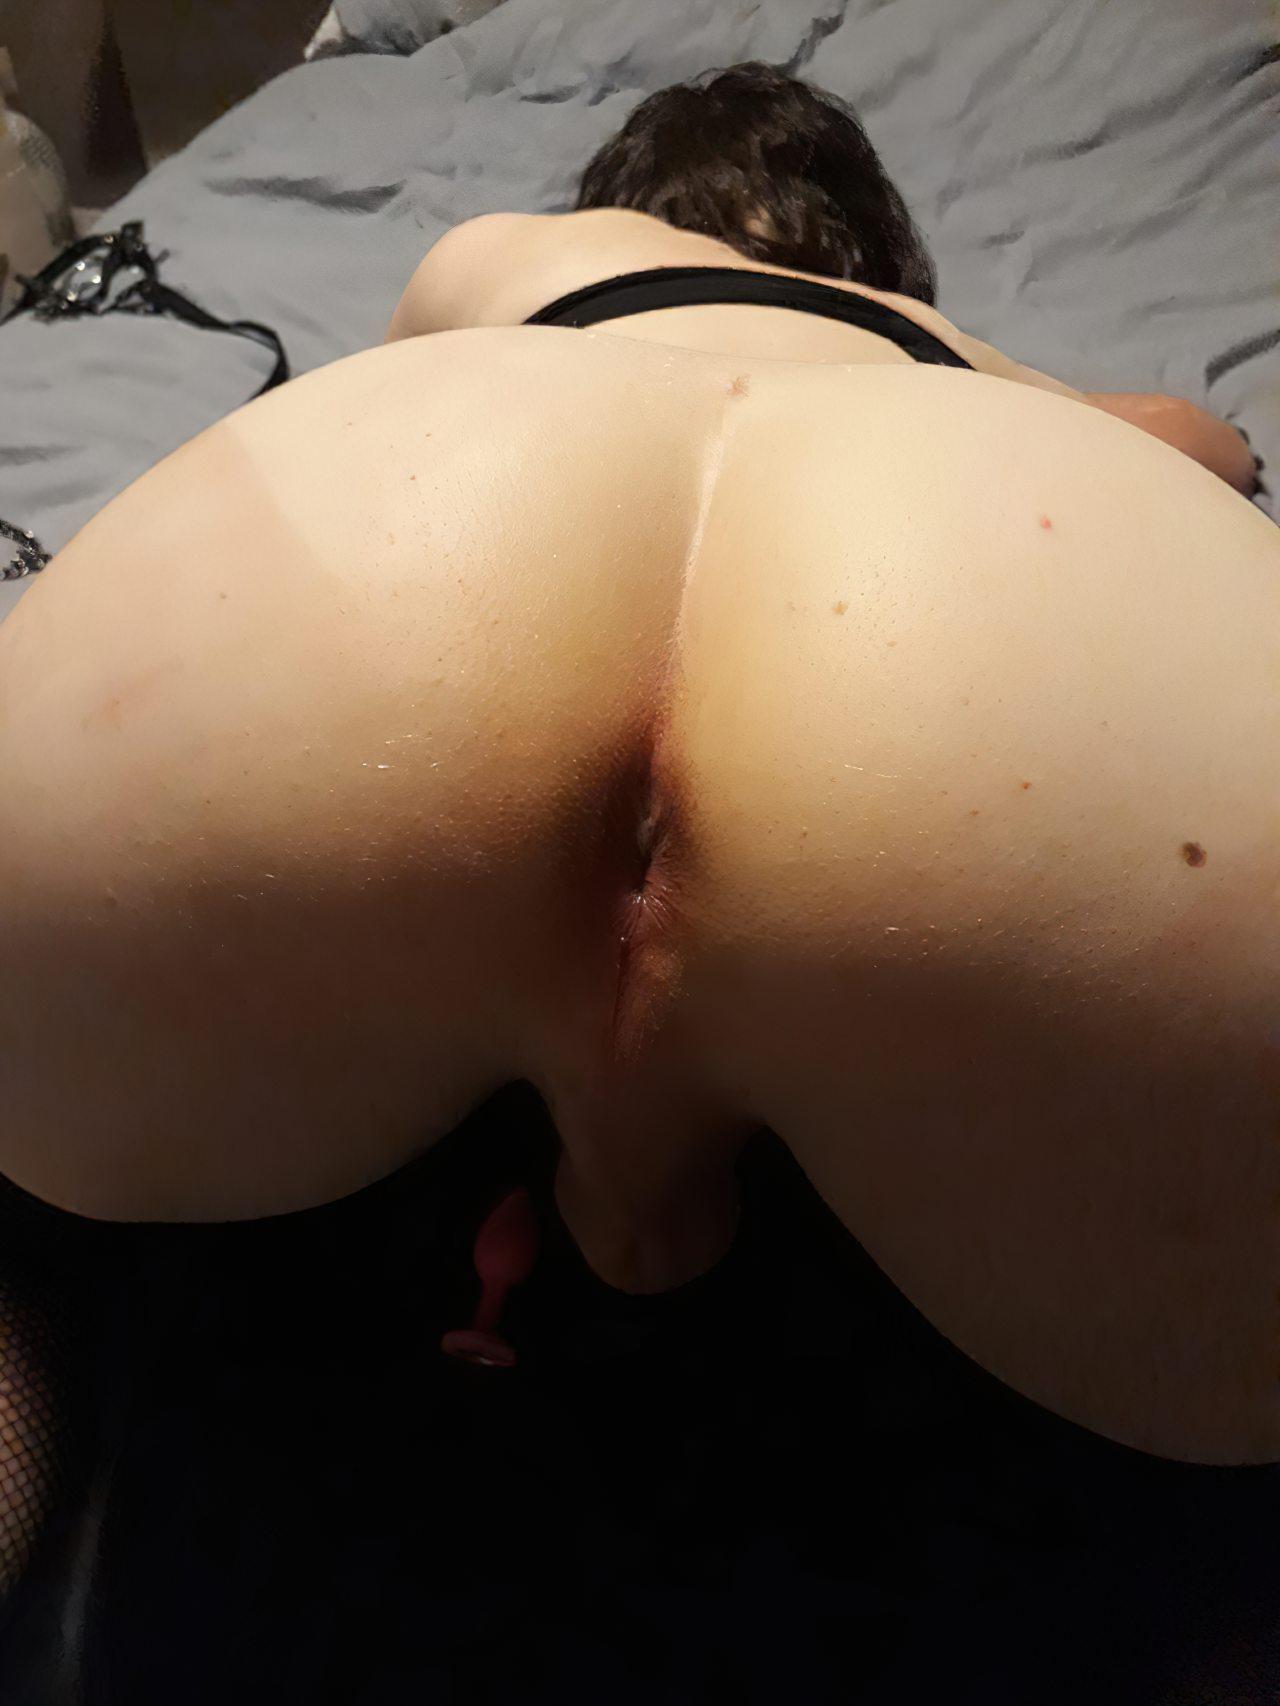 Videos sexo sadomasoquismo could